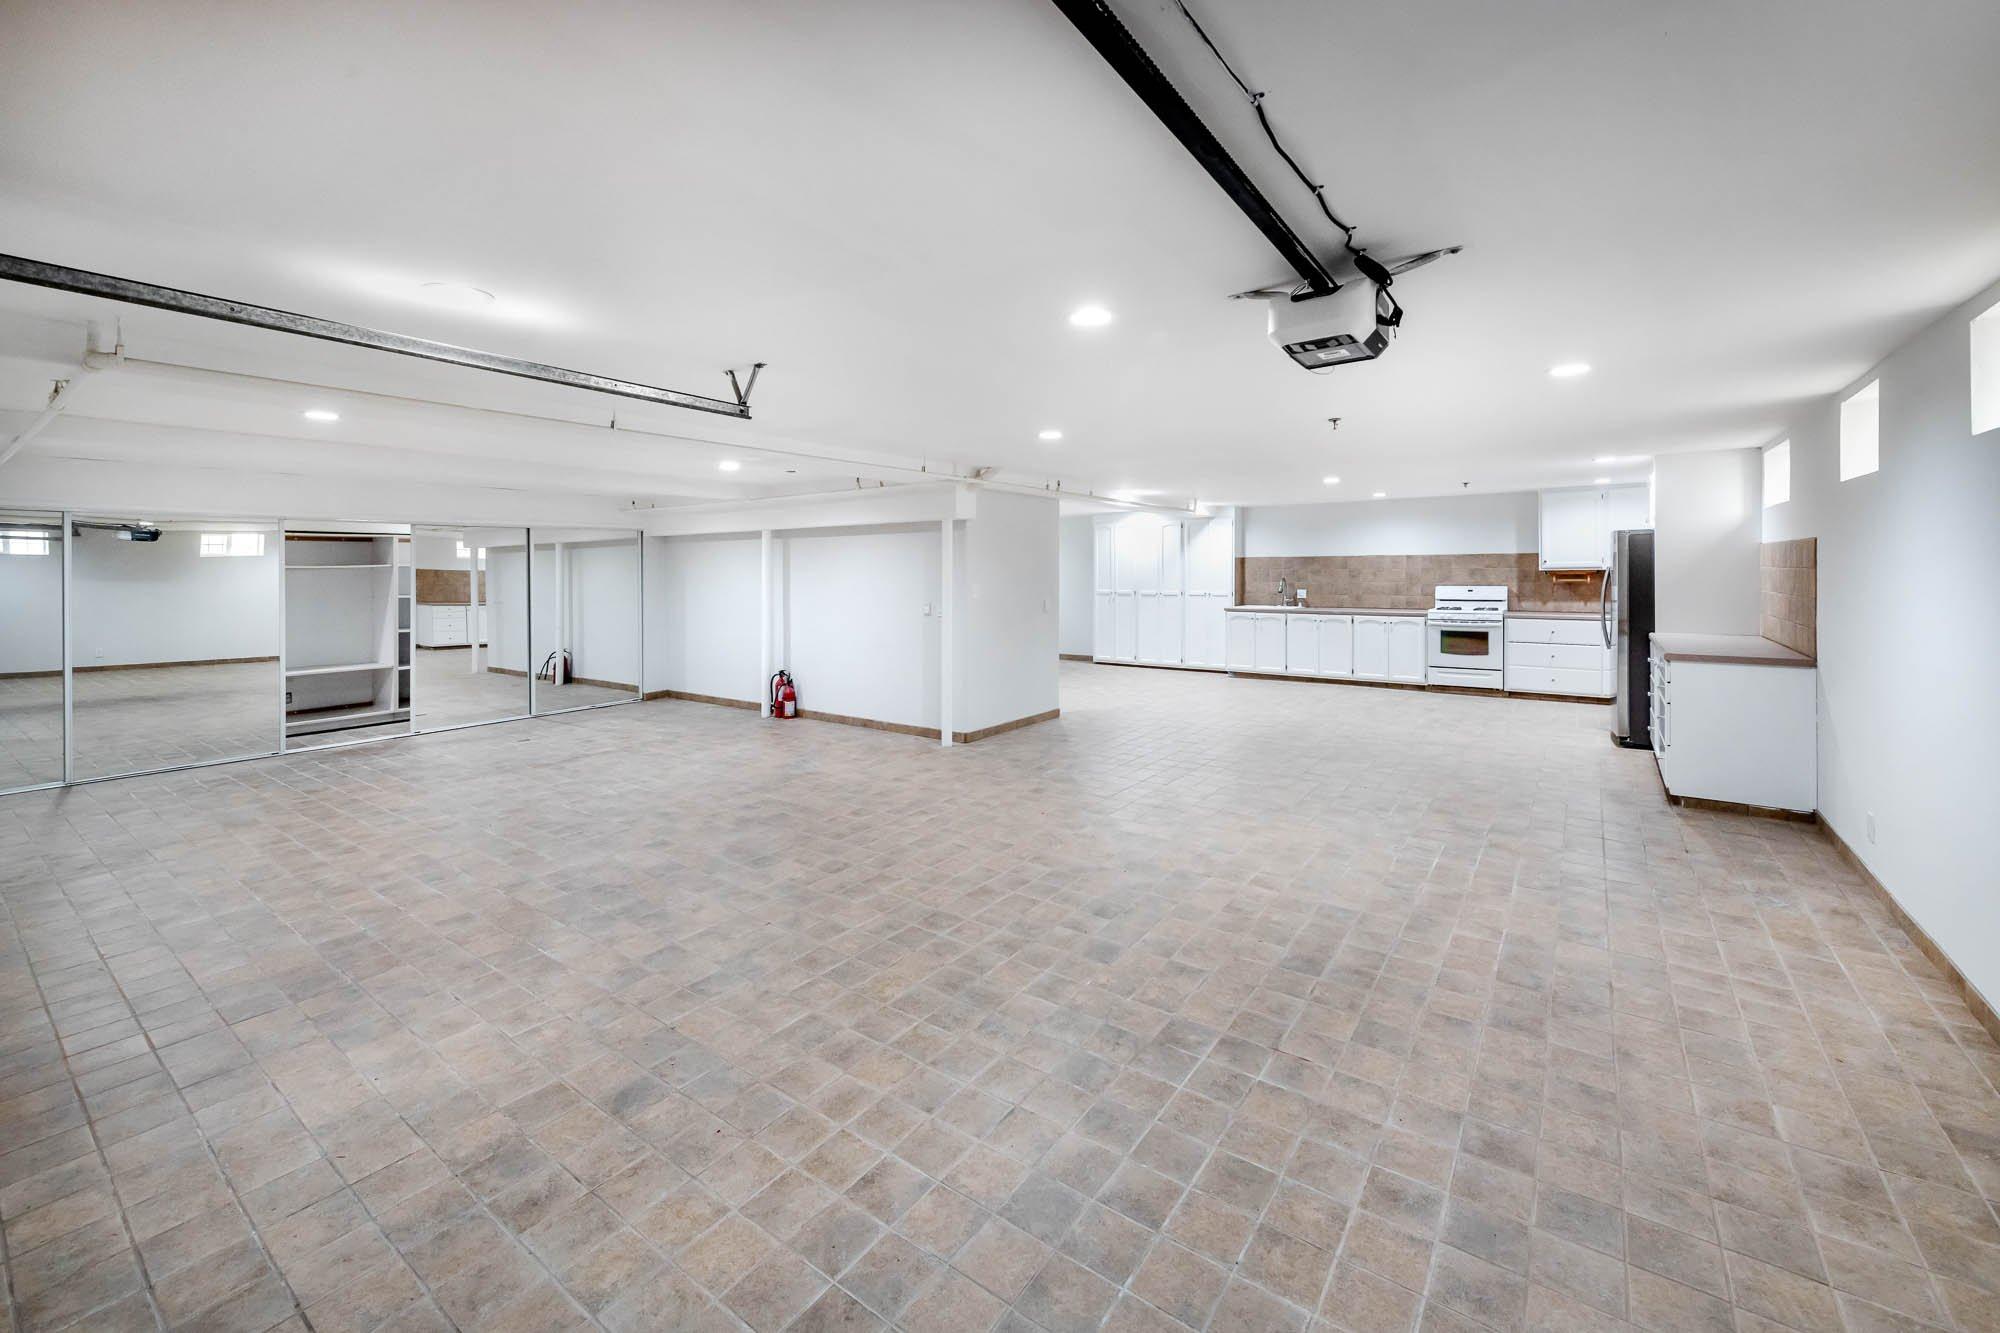 Basement / Garage Reverse Angle